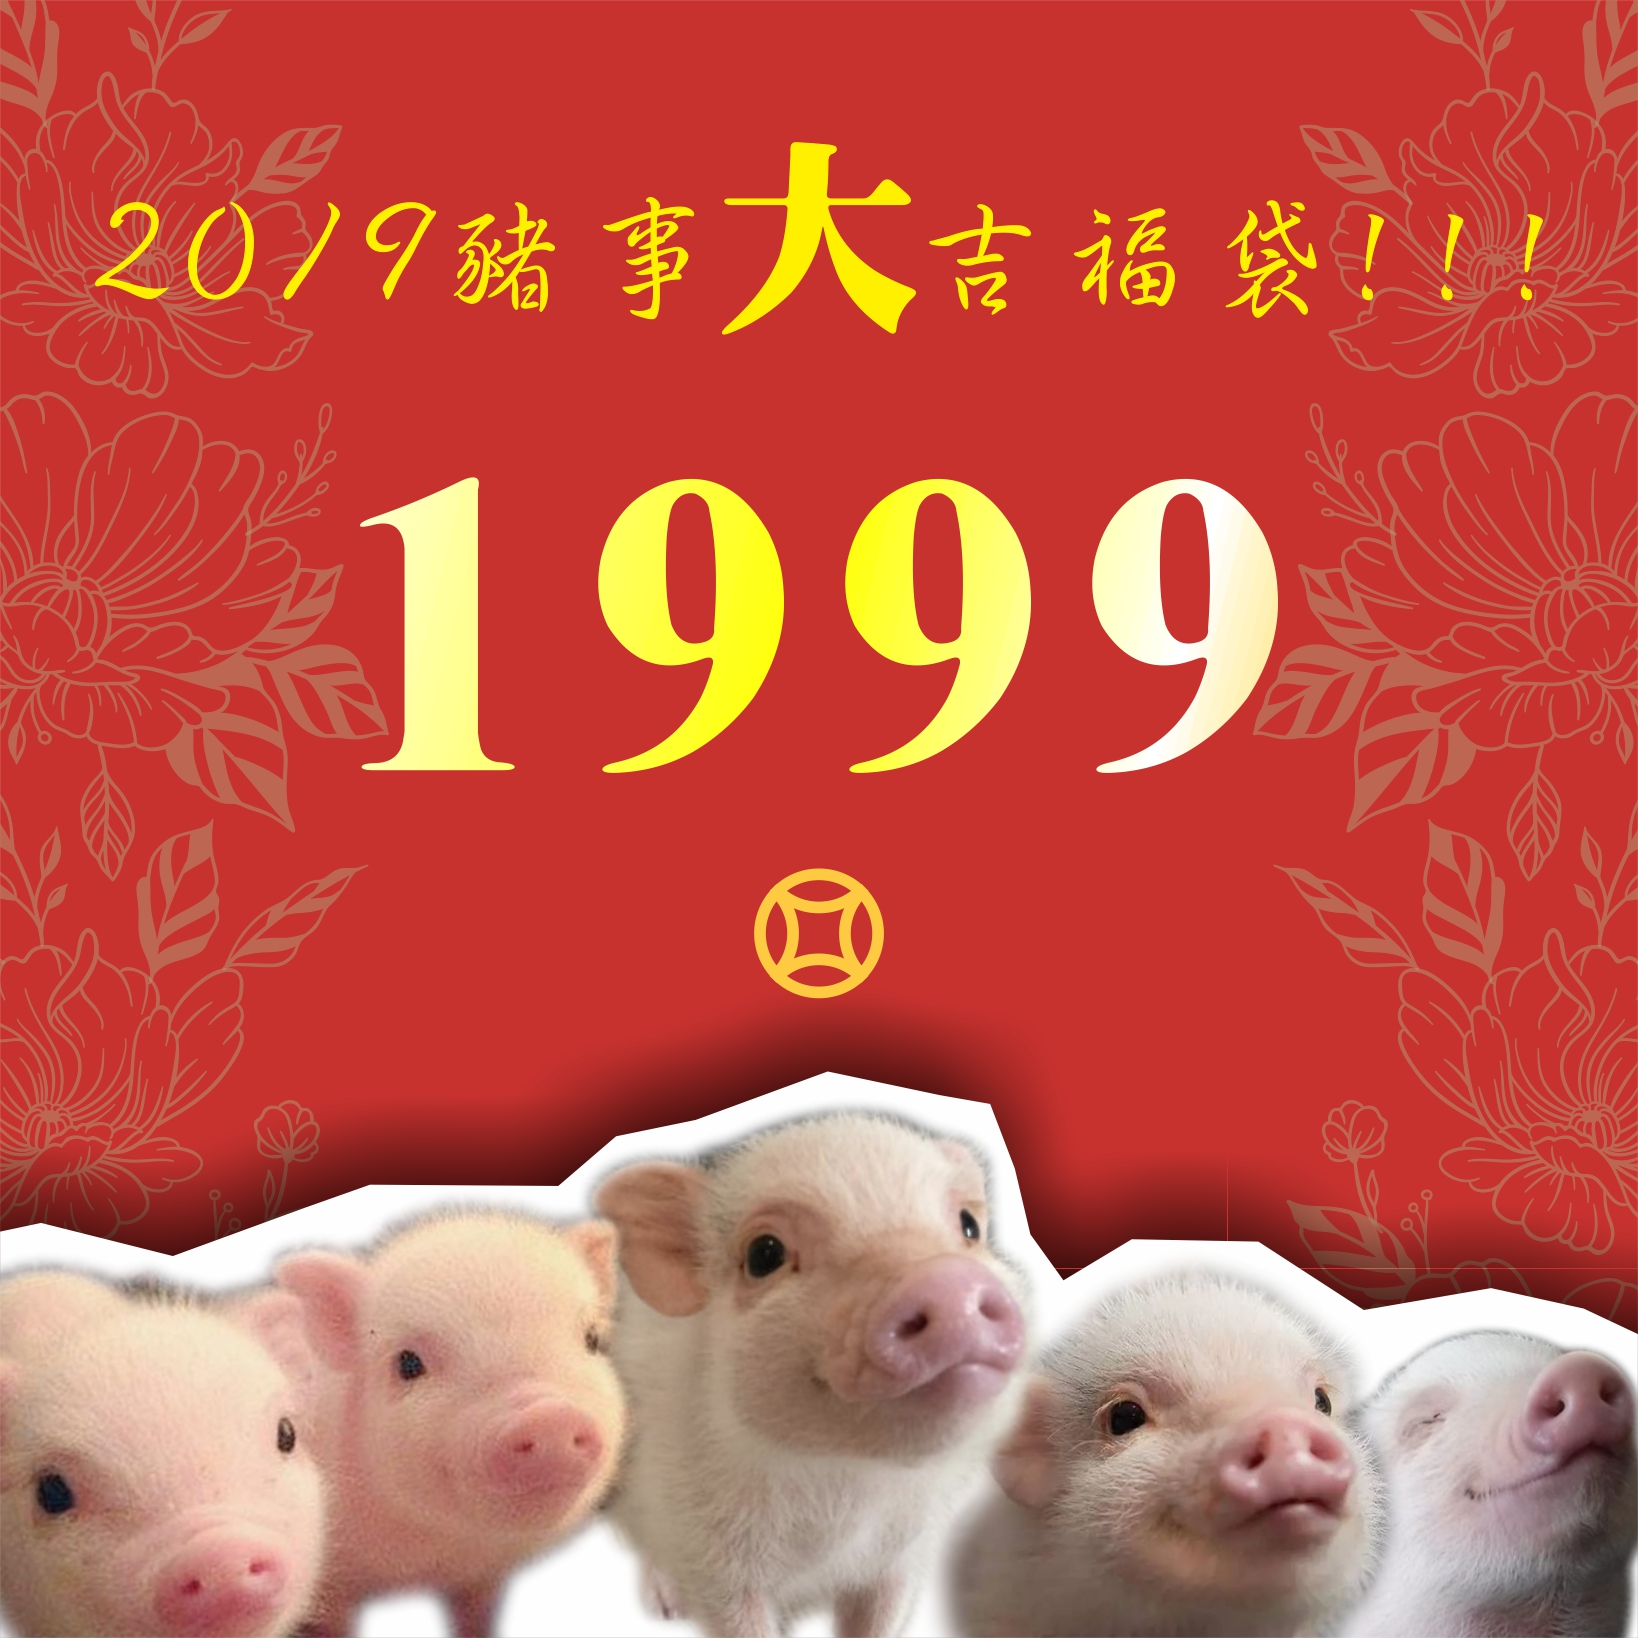 fukubukuro-2019-1999